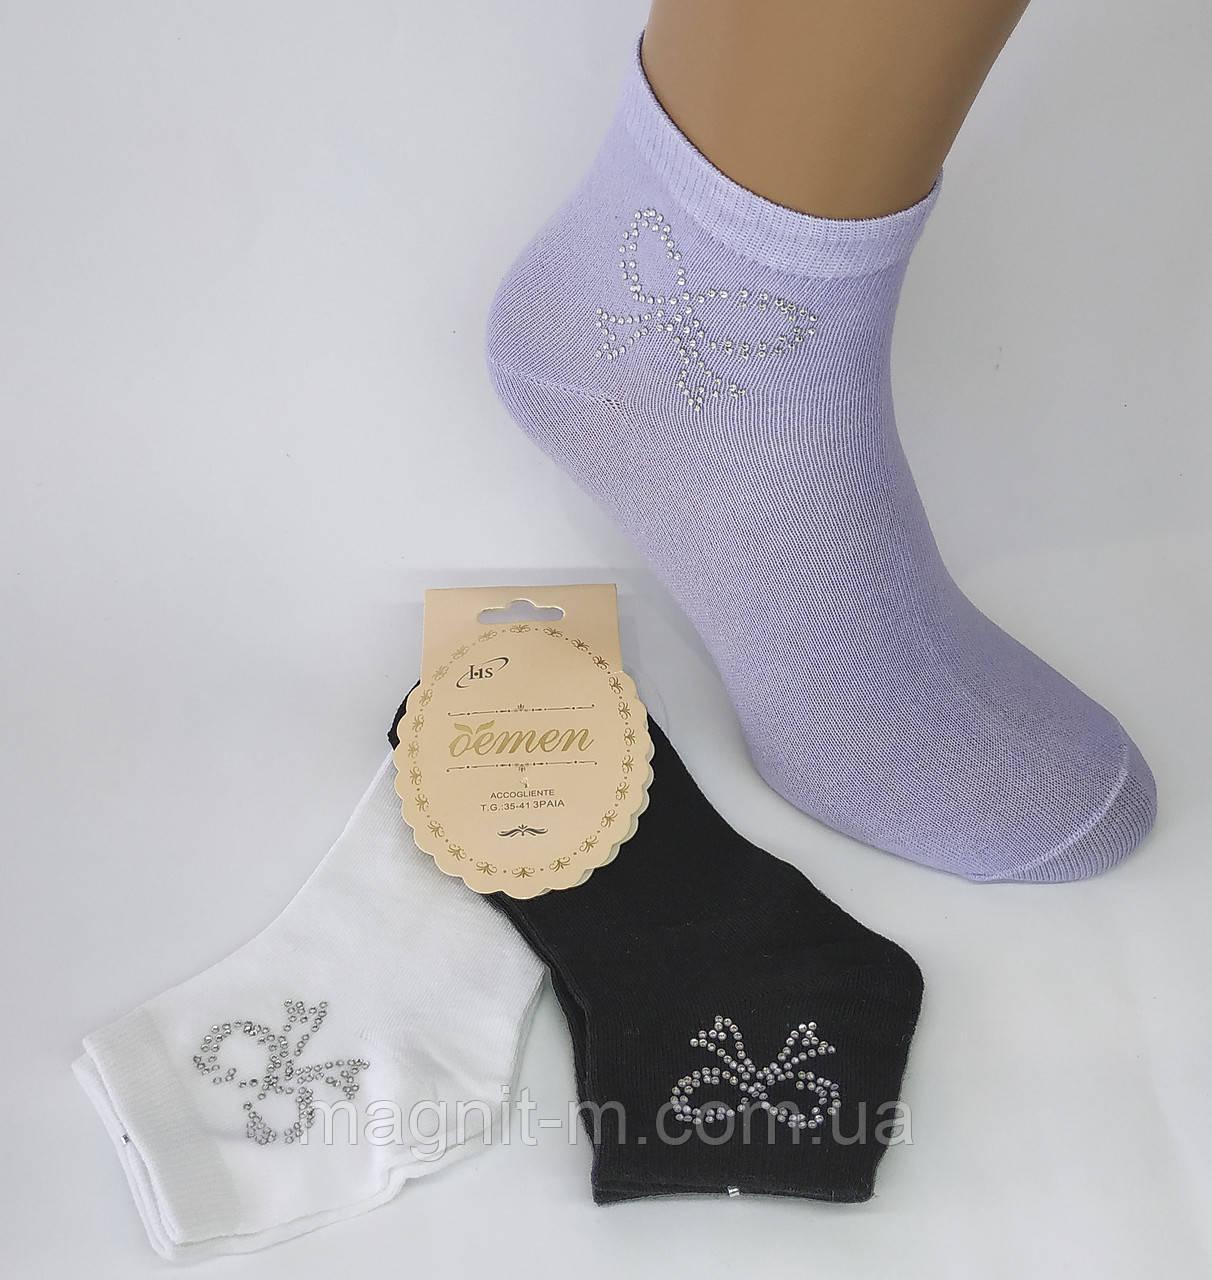 """Женские укороченные стрейчевые носки """"Oemen"""". Хлопок. Стразы-бантики."""